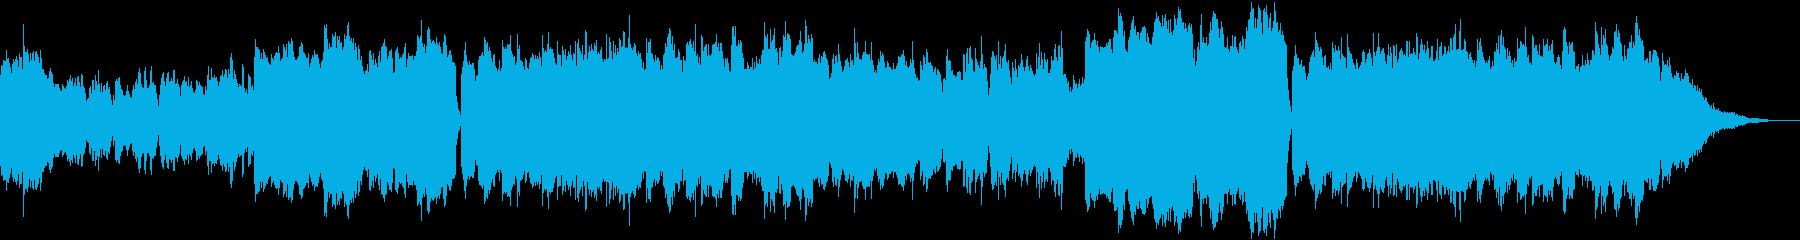 広大な草原をイメージした曲の再生済みの波形